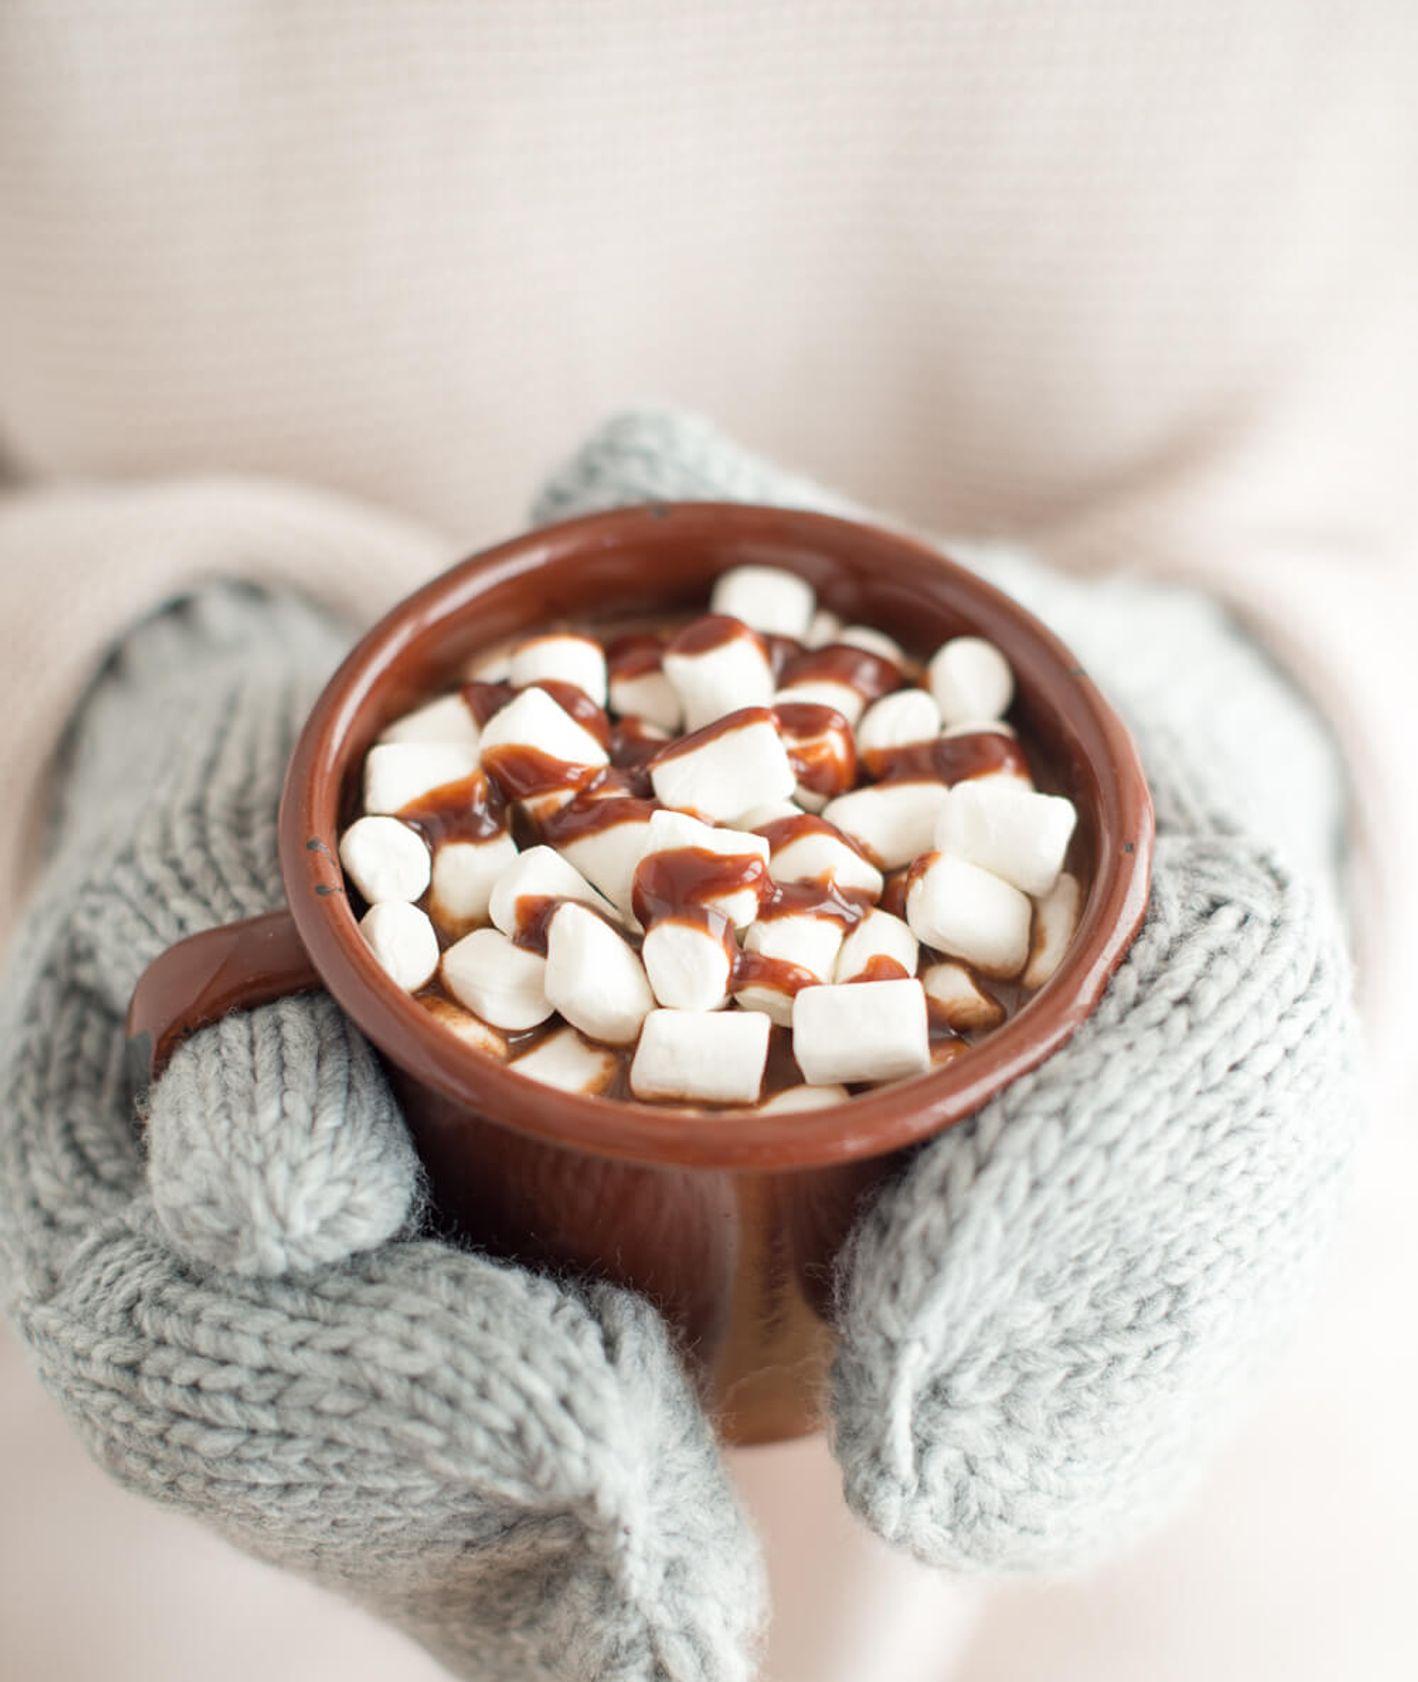 Gorąca czekolada z piankami, solą morską i sosem czekoladowym